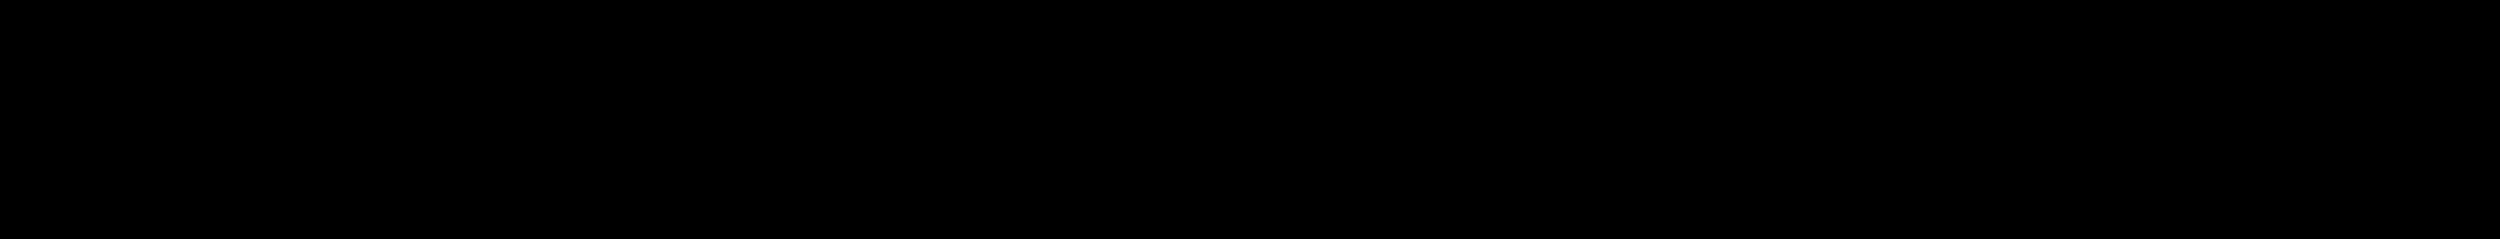 kashaya-ayur-co-03-03.png